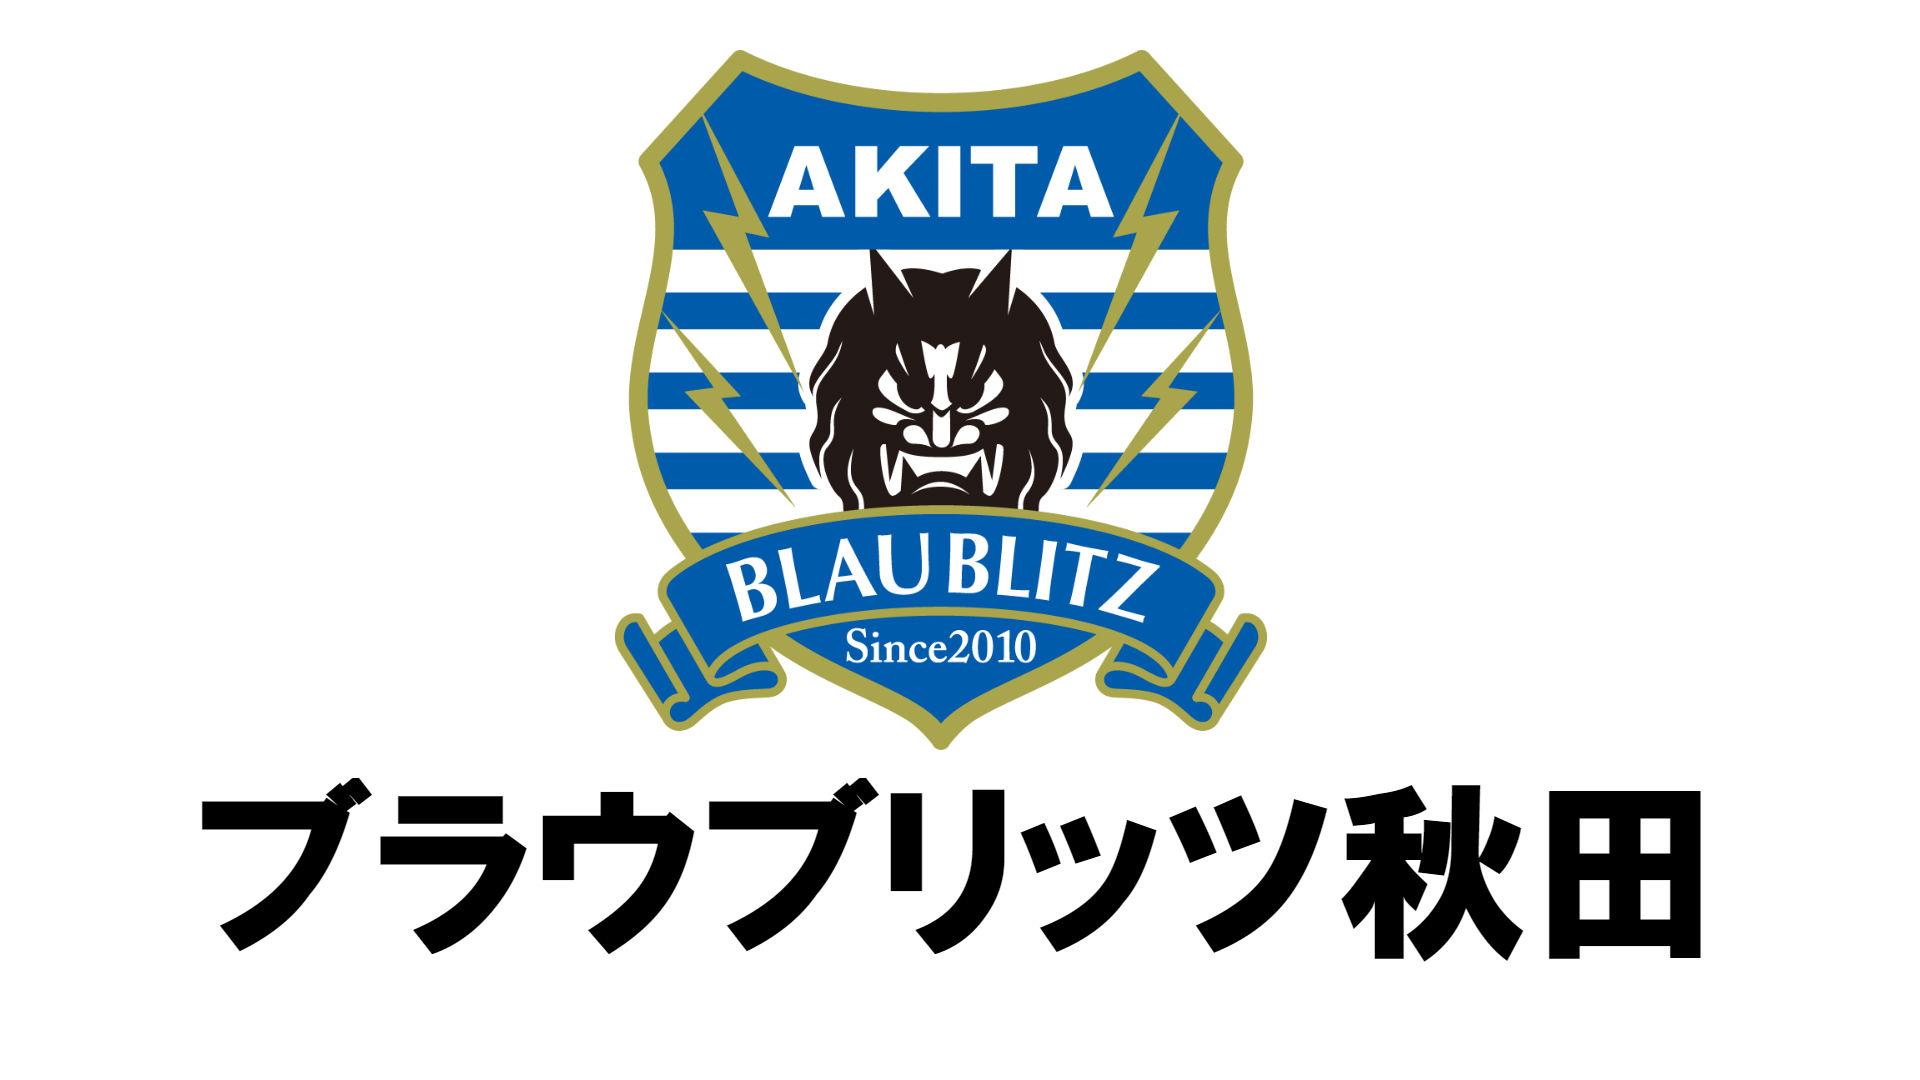 ブラウブリッツ秋田.jpg